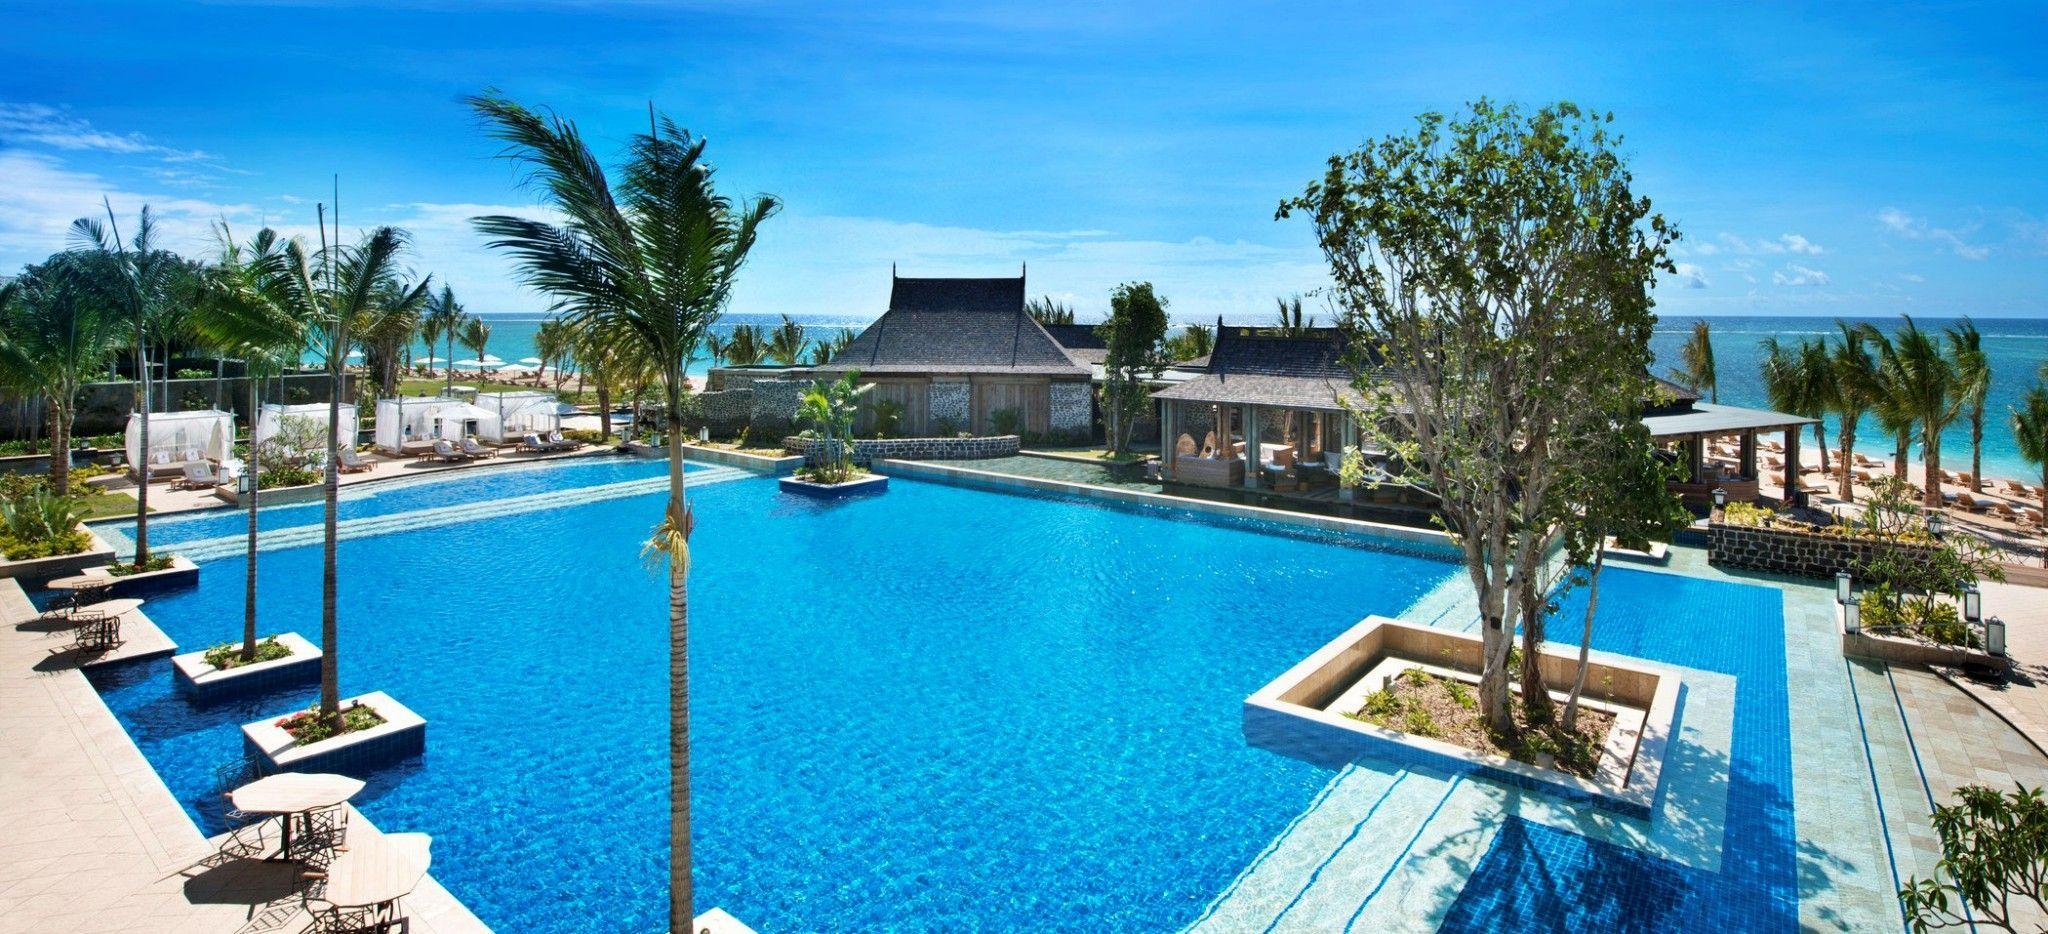 Ein großer Pool mit Strandliegen und Palmen